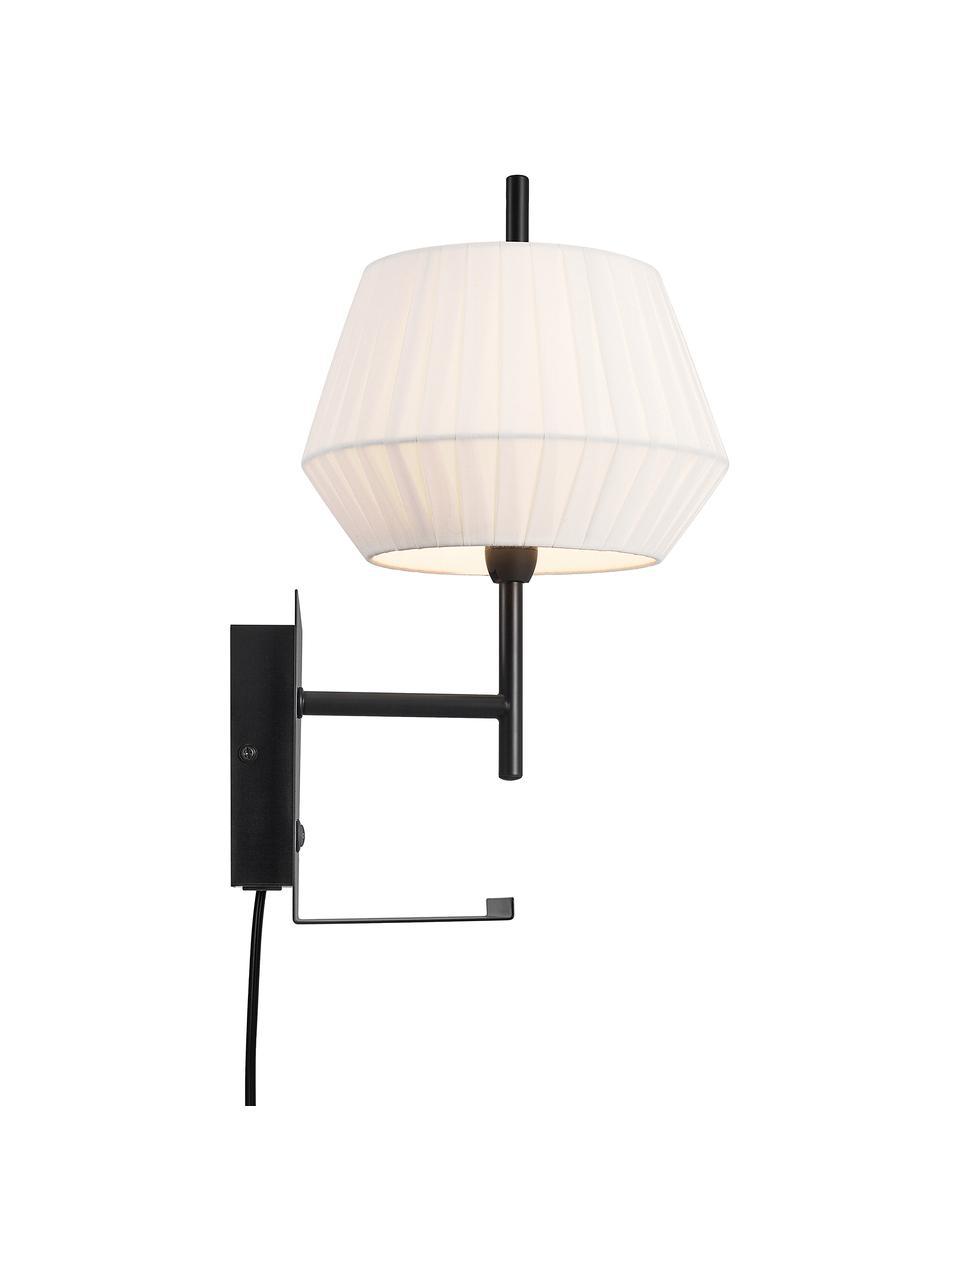 Klassische Wandleuchte Dicte mit Stecker, Lampenschirm: Stoff, Weiß, Schwarz, 21 x 38 cm